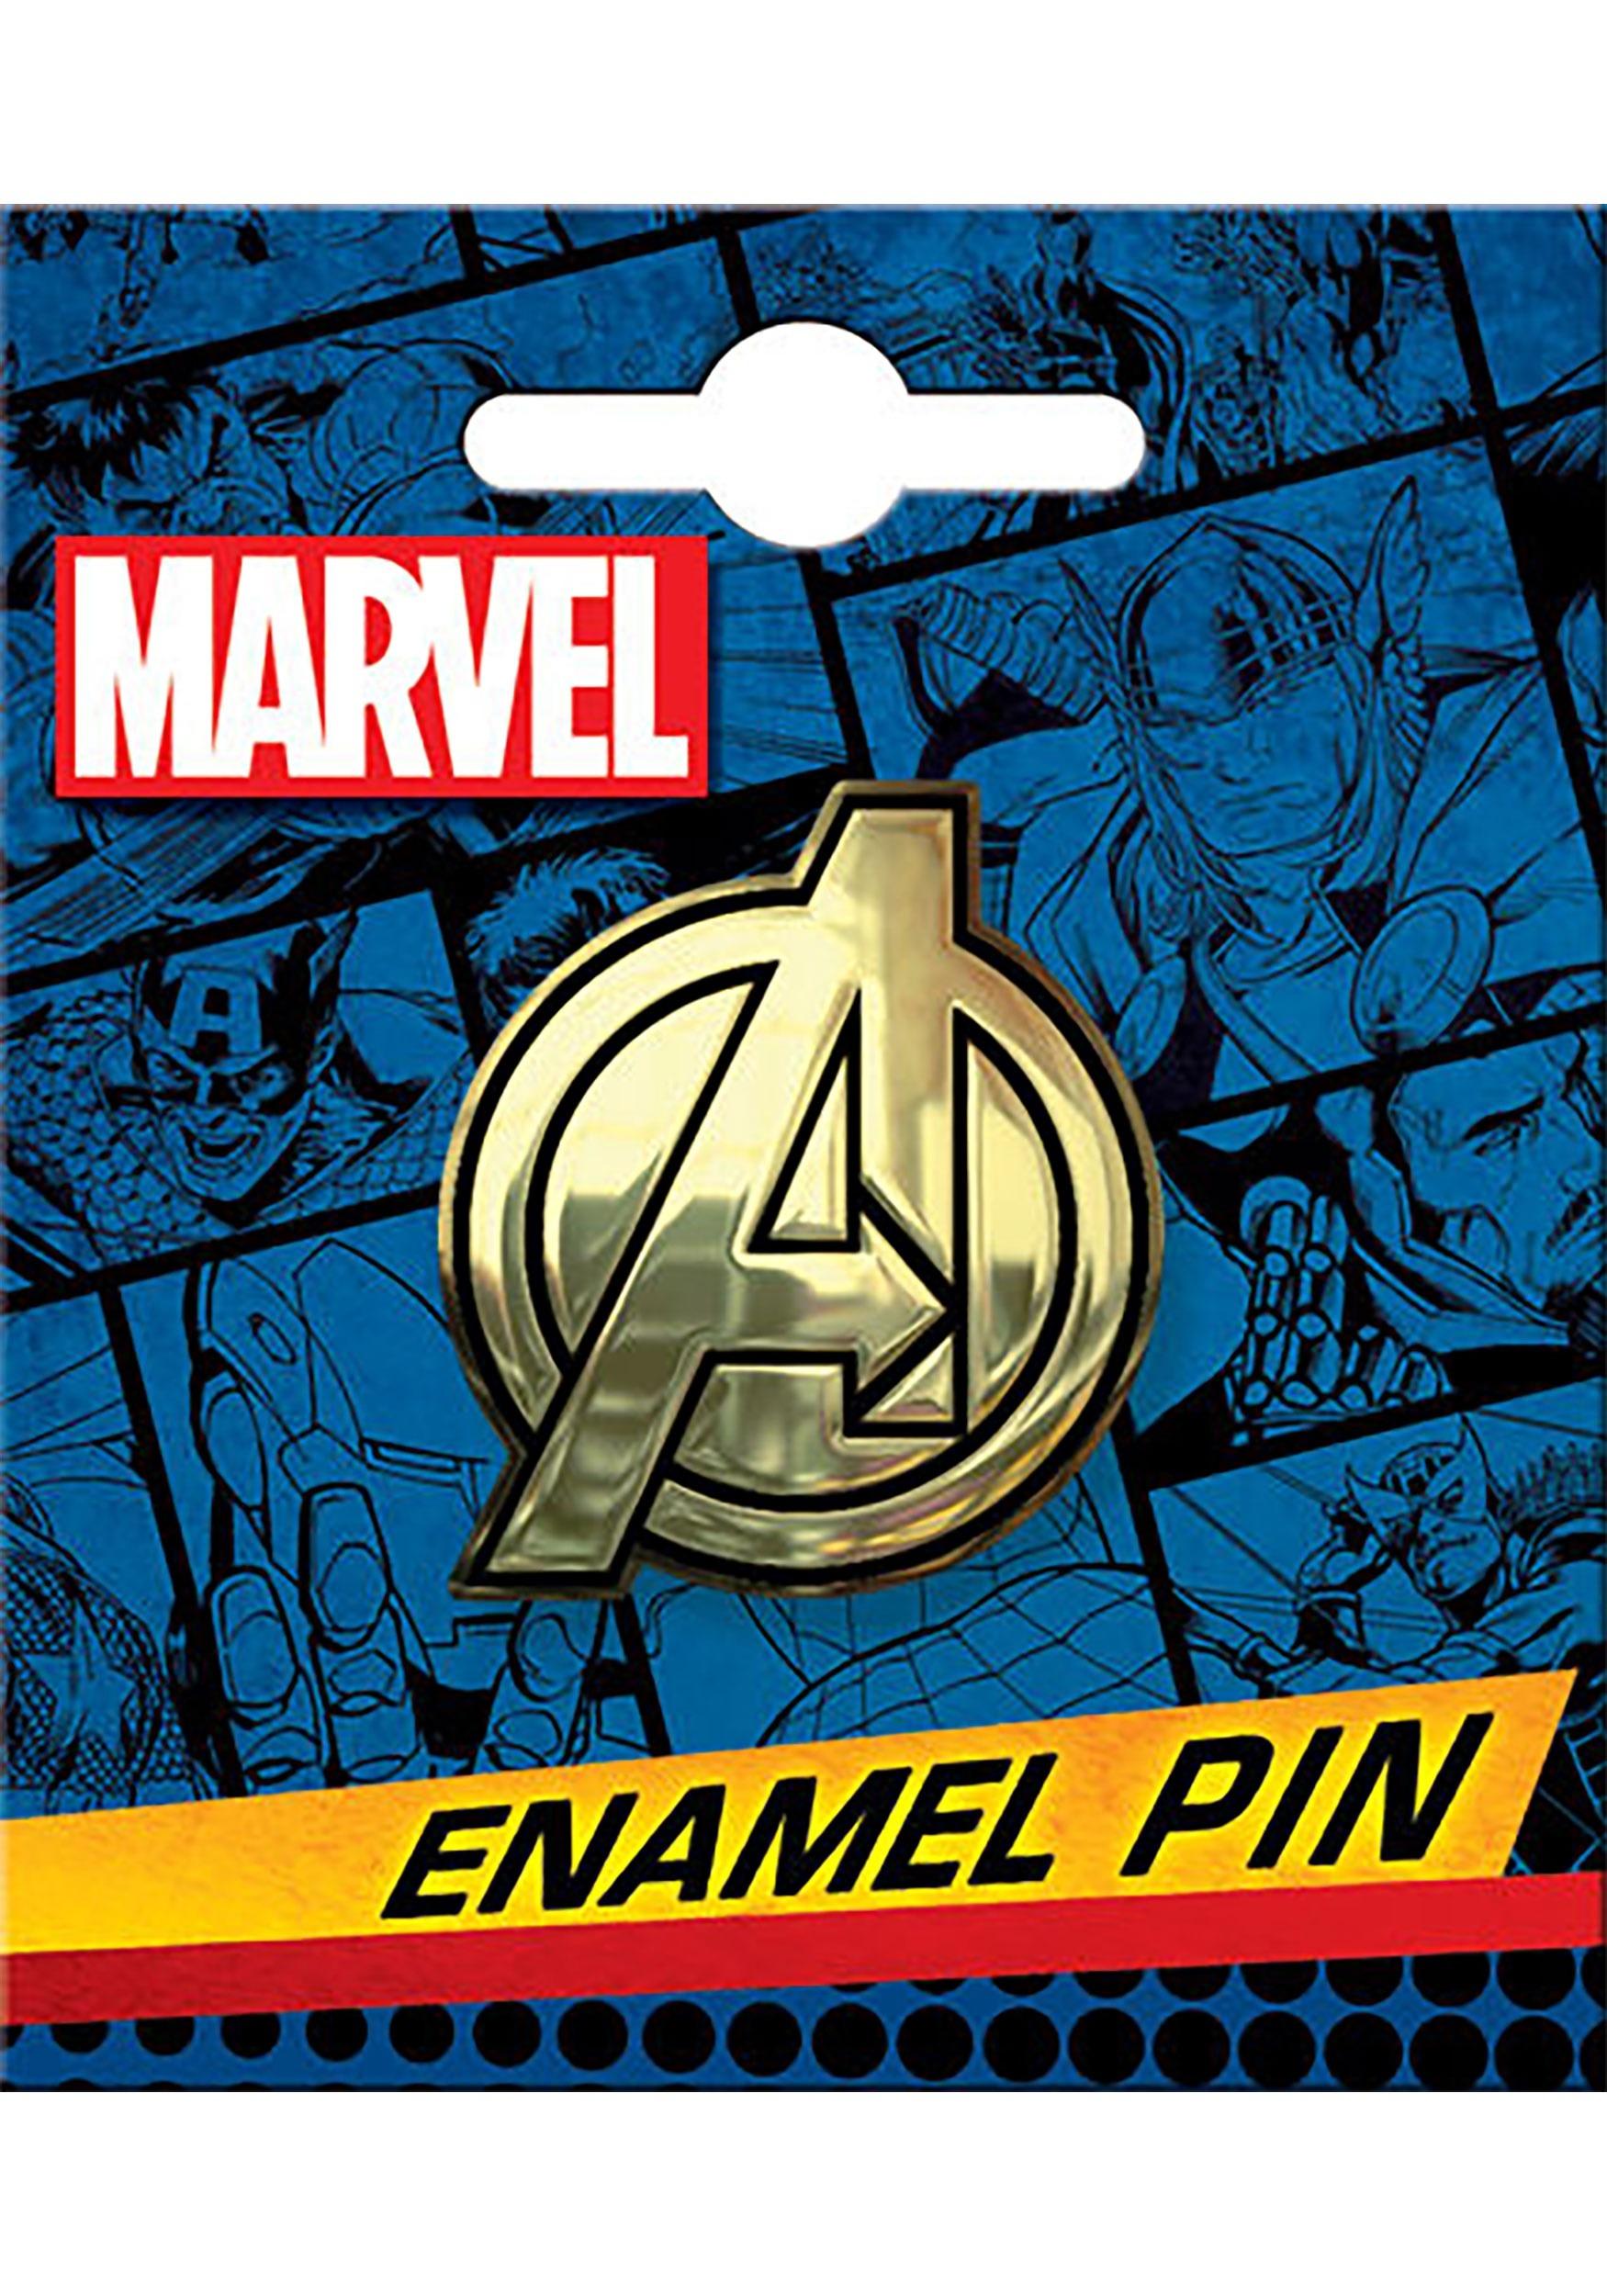 Marvel_Avengers_Pin